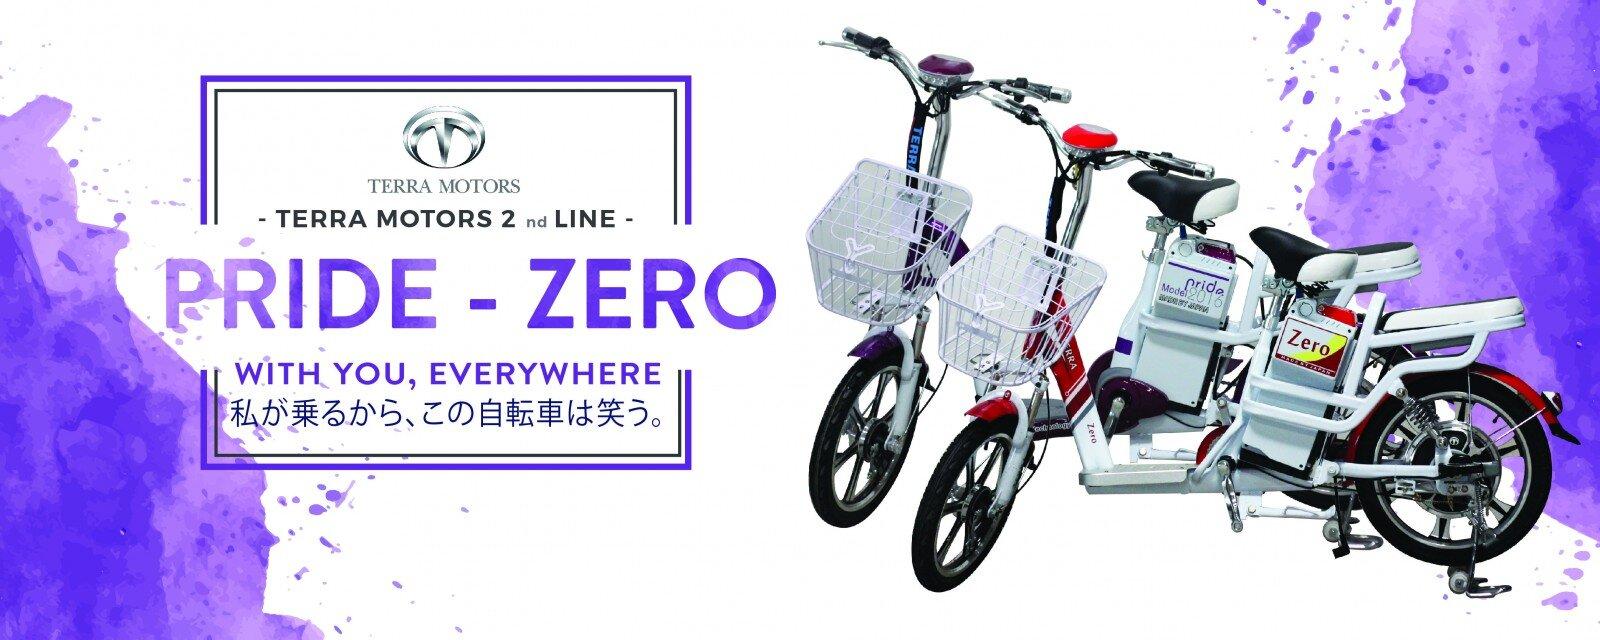 Xe đạp điện Pride Terra Motors có nhiều màu sắc cho bạn lựa chọn.